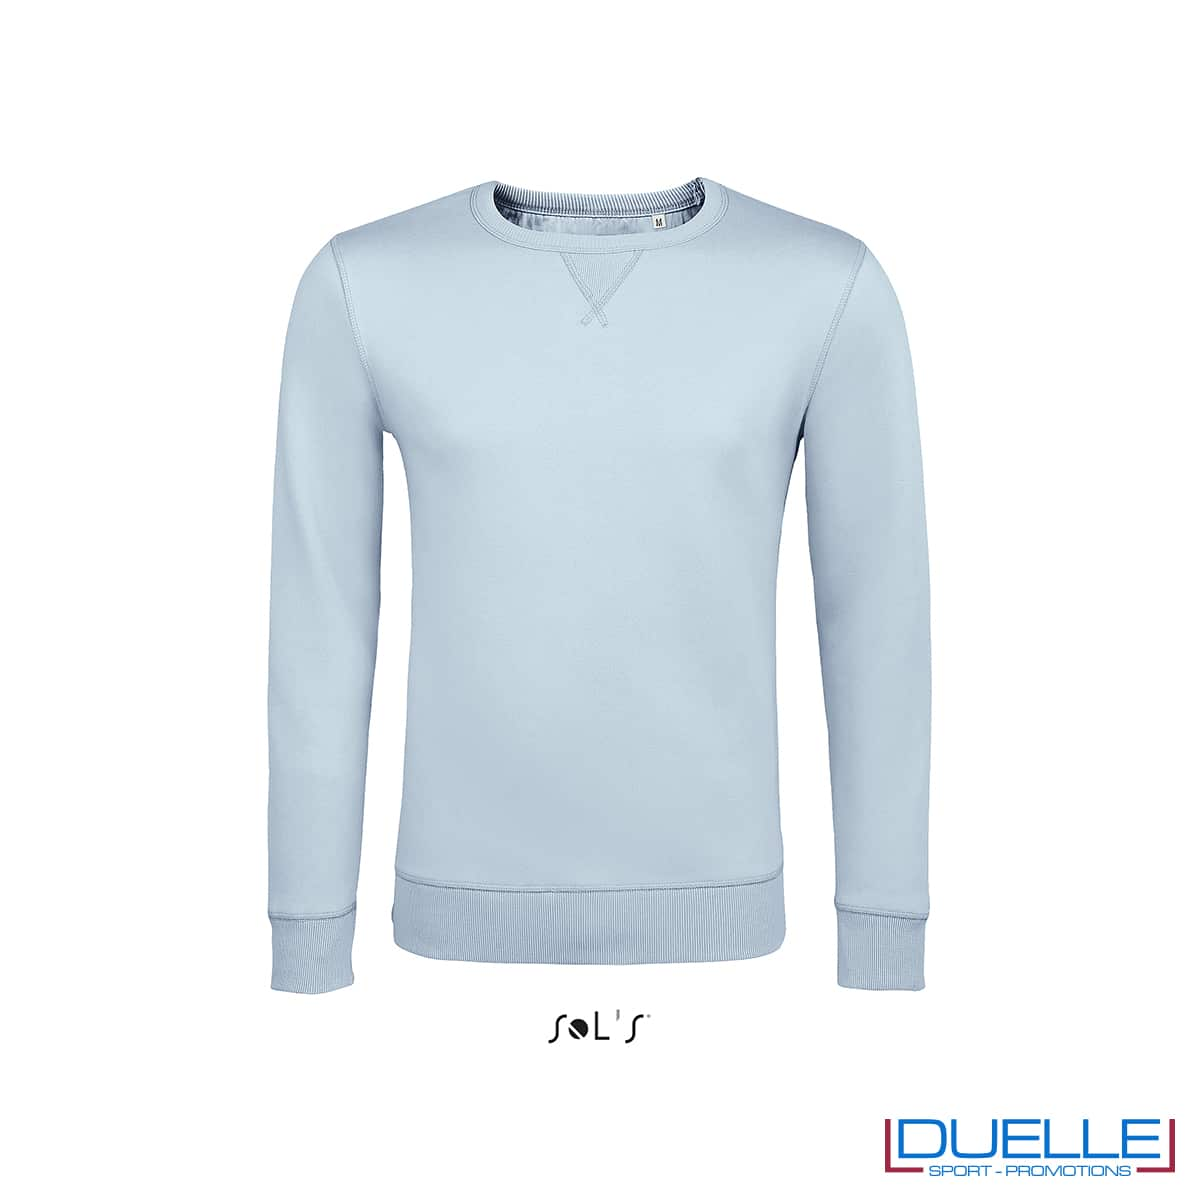 Felpa in cotone LSF colore azzurro pastello